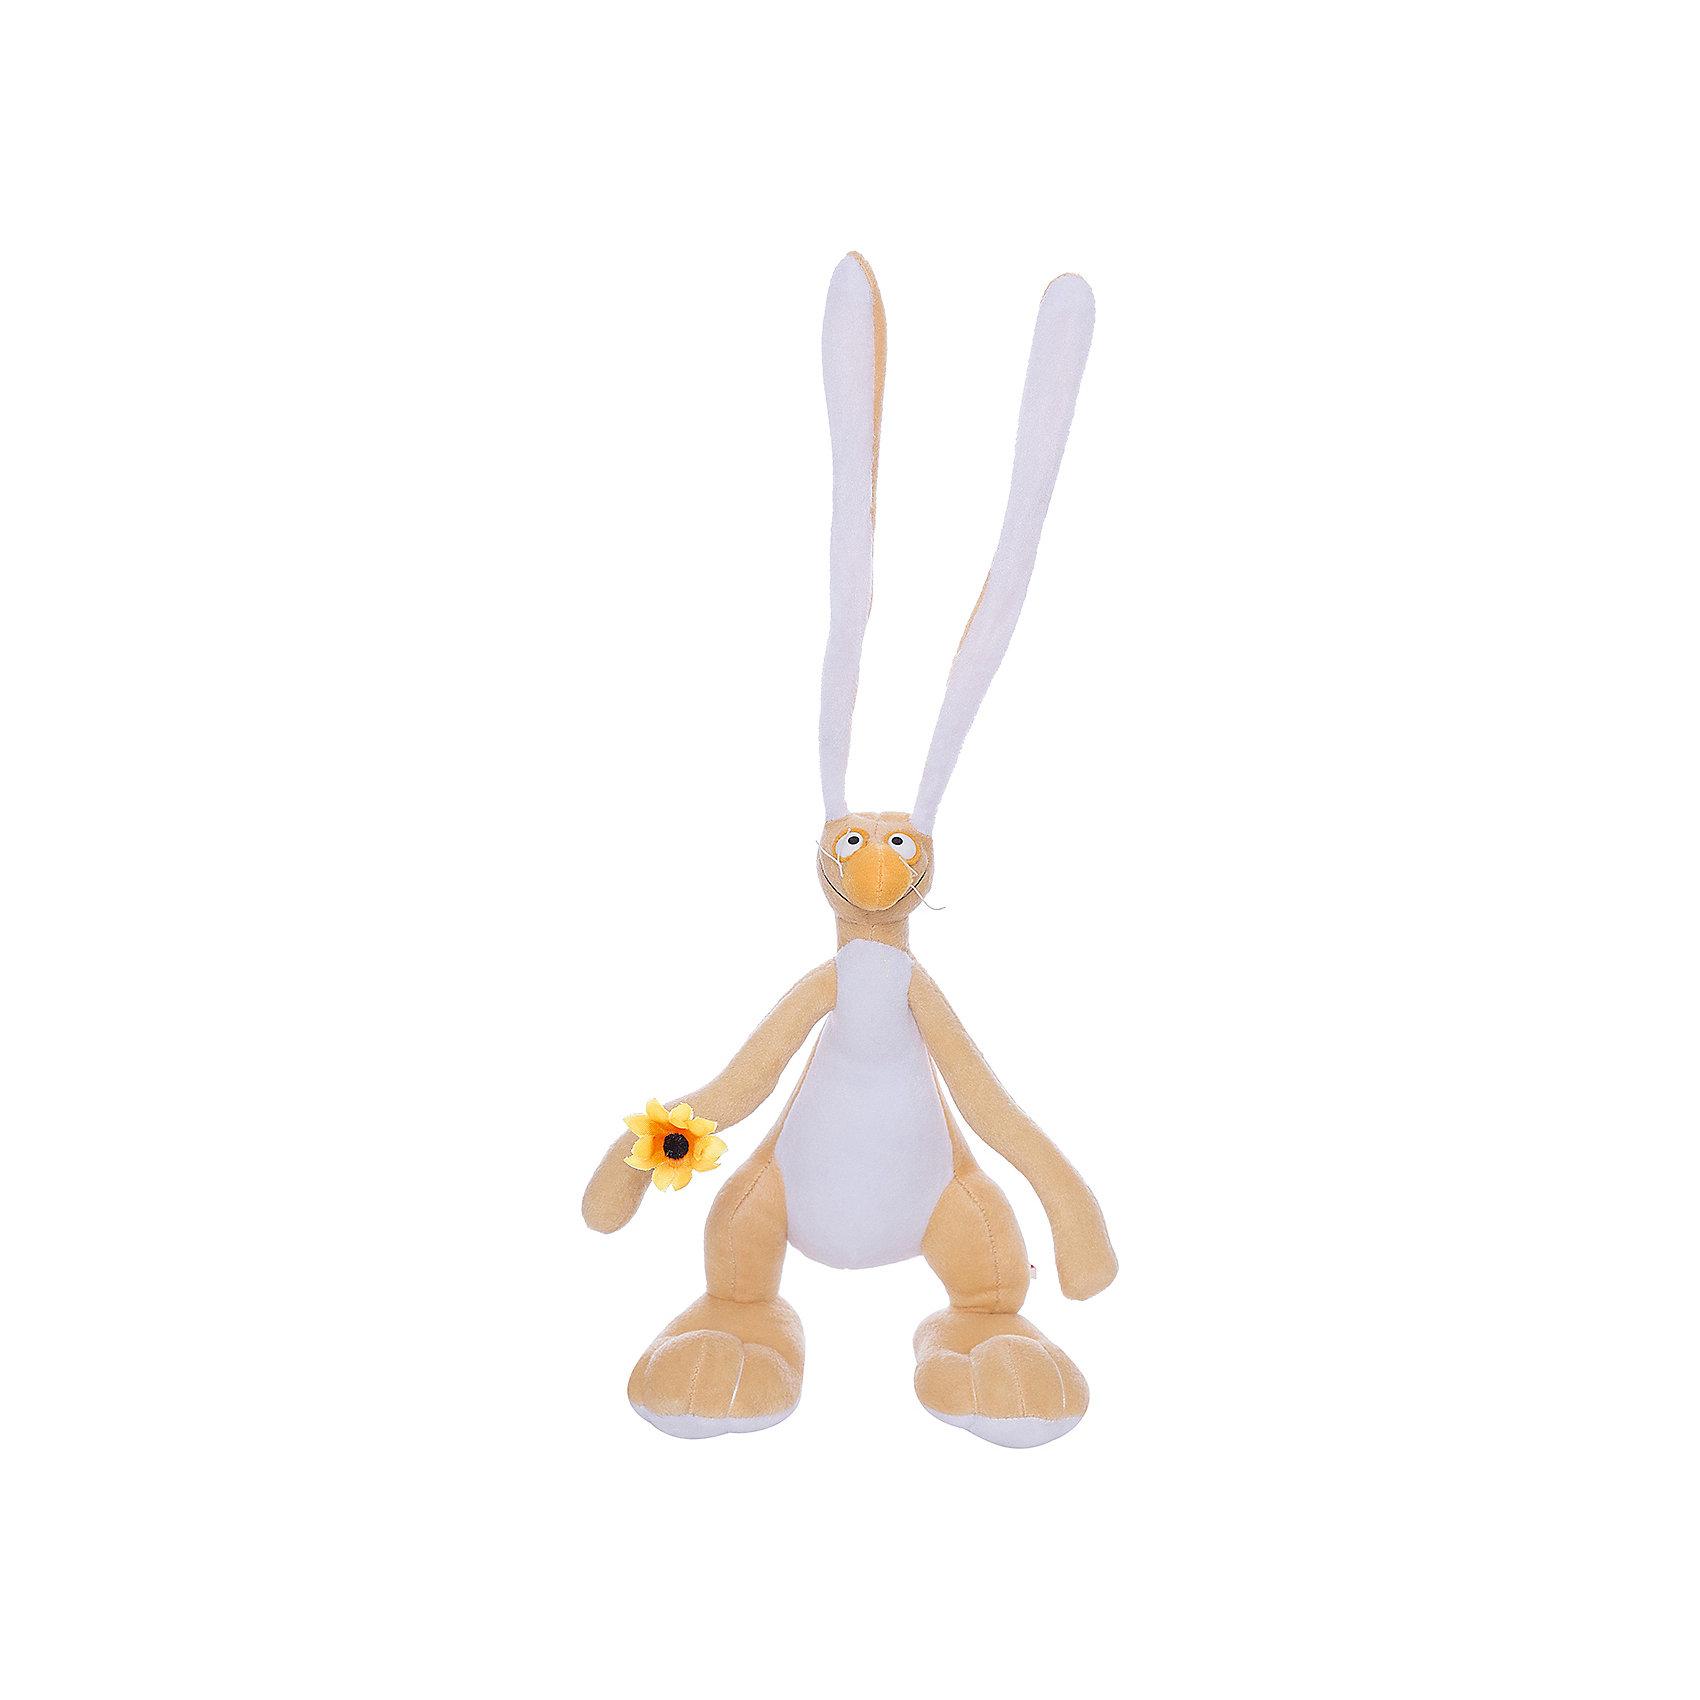 Мягкая игрушка Заяц Федя, Fancy, 27 смЗайцы и кролики<br>Очаровательный смешной заяц Федя приведет в восторг и детей и взрослых. Внутри игрушки находится прочный проволочный каркас, благодаря этому, Федя может принимать различные смешные позы. Заяц выполнен из мягкого плюша, очень приятен на ощупь, изготовлен из экологичных высококачественных материалов. <br><br>Дополнительная информация:<br><br>- Материал: плюш, пластик, полиэфирное волокно.<br>- Высота: 27 см.<br><br>Мягкую игрушку Заяц Федя, Fancy, можно купить в нашем магазине.<br><br>Ширина мм: 120<br>Глубина мм: 200<br>Высота мм: 270<br>Вес г: 160<br>Возраст от месяцев: 36<br>Возраст до месяцев: 72<br>Пол: Унисекс<br>Возраст: Детский<br>SKU: 4219384